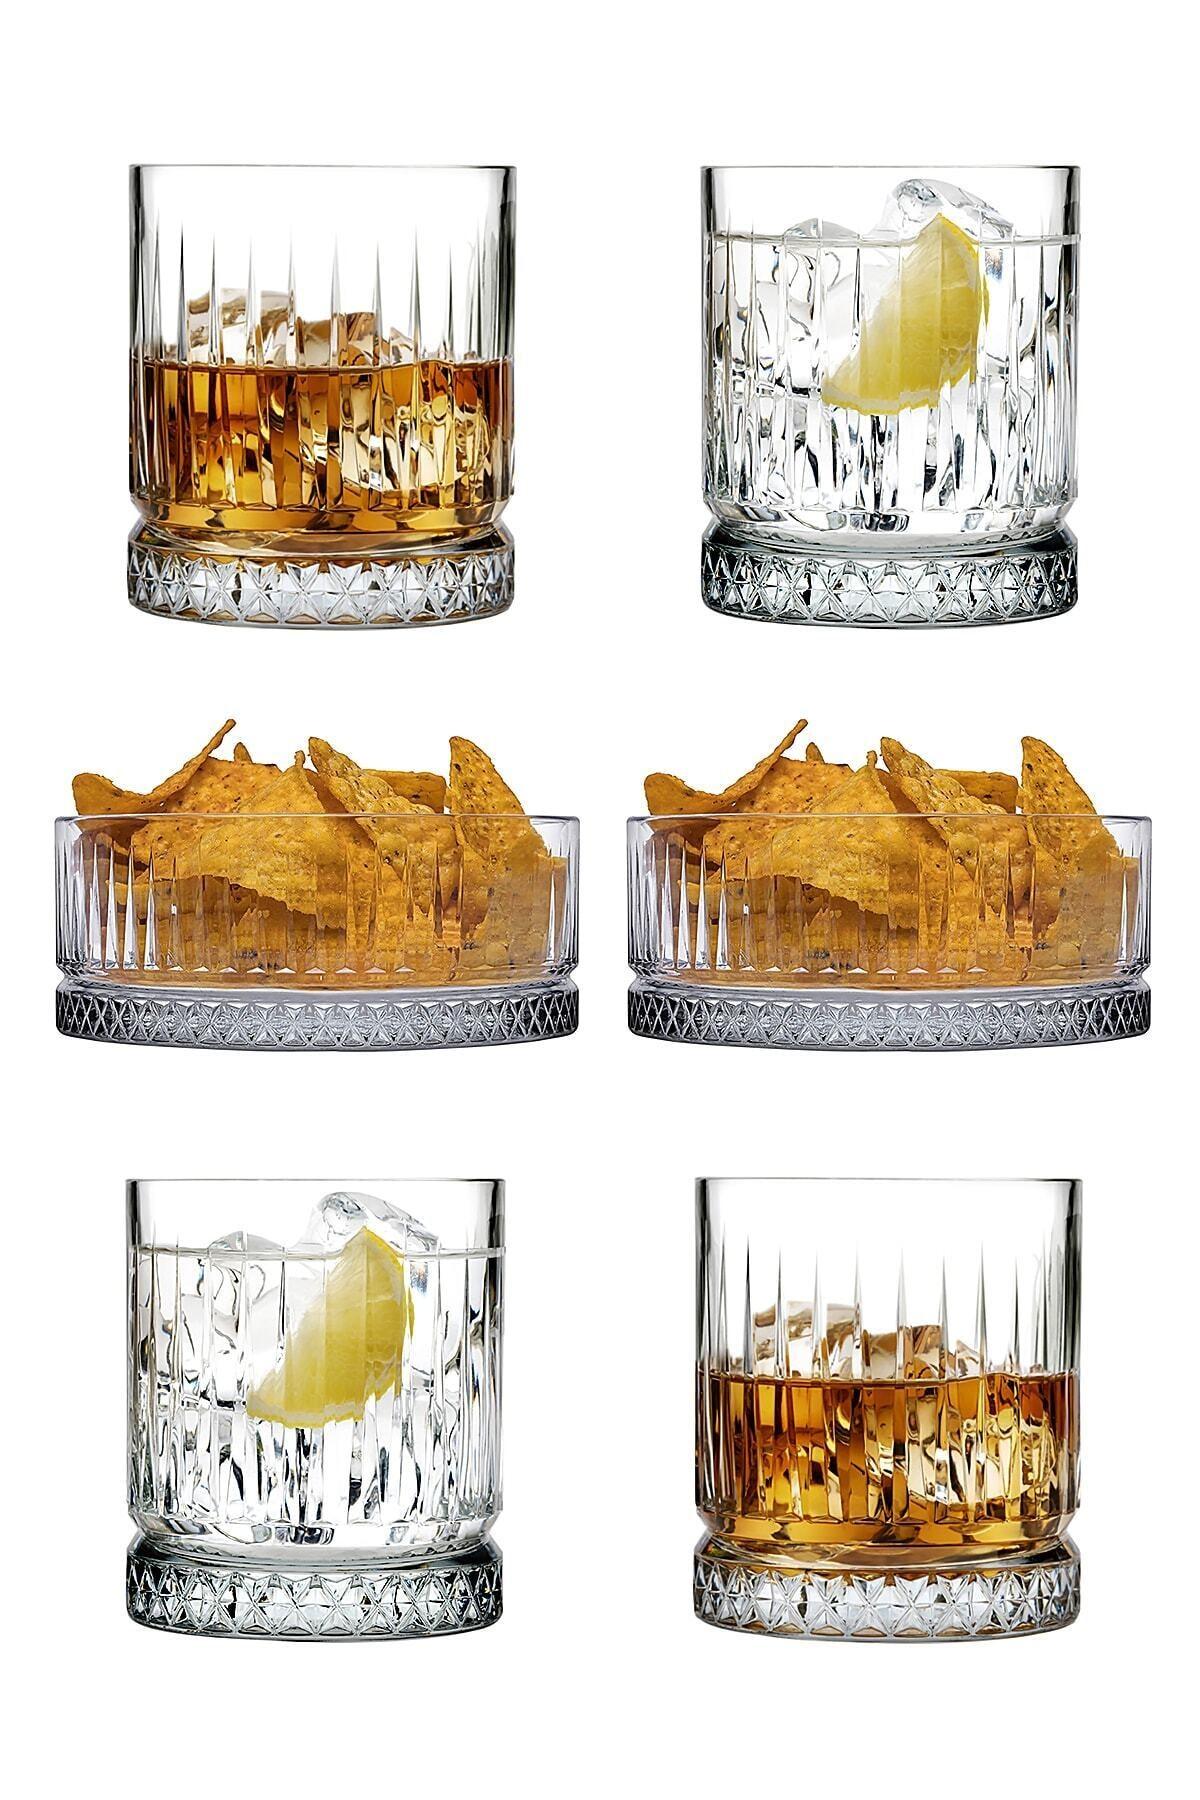 6 Parça Elysıa Keyif Seti - 4 Viski/meşrubat Bardağı Ve 2 Çerezlik